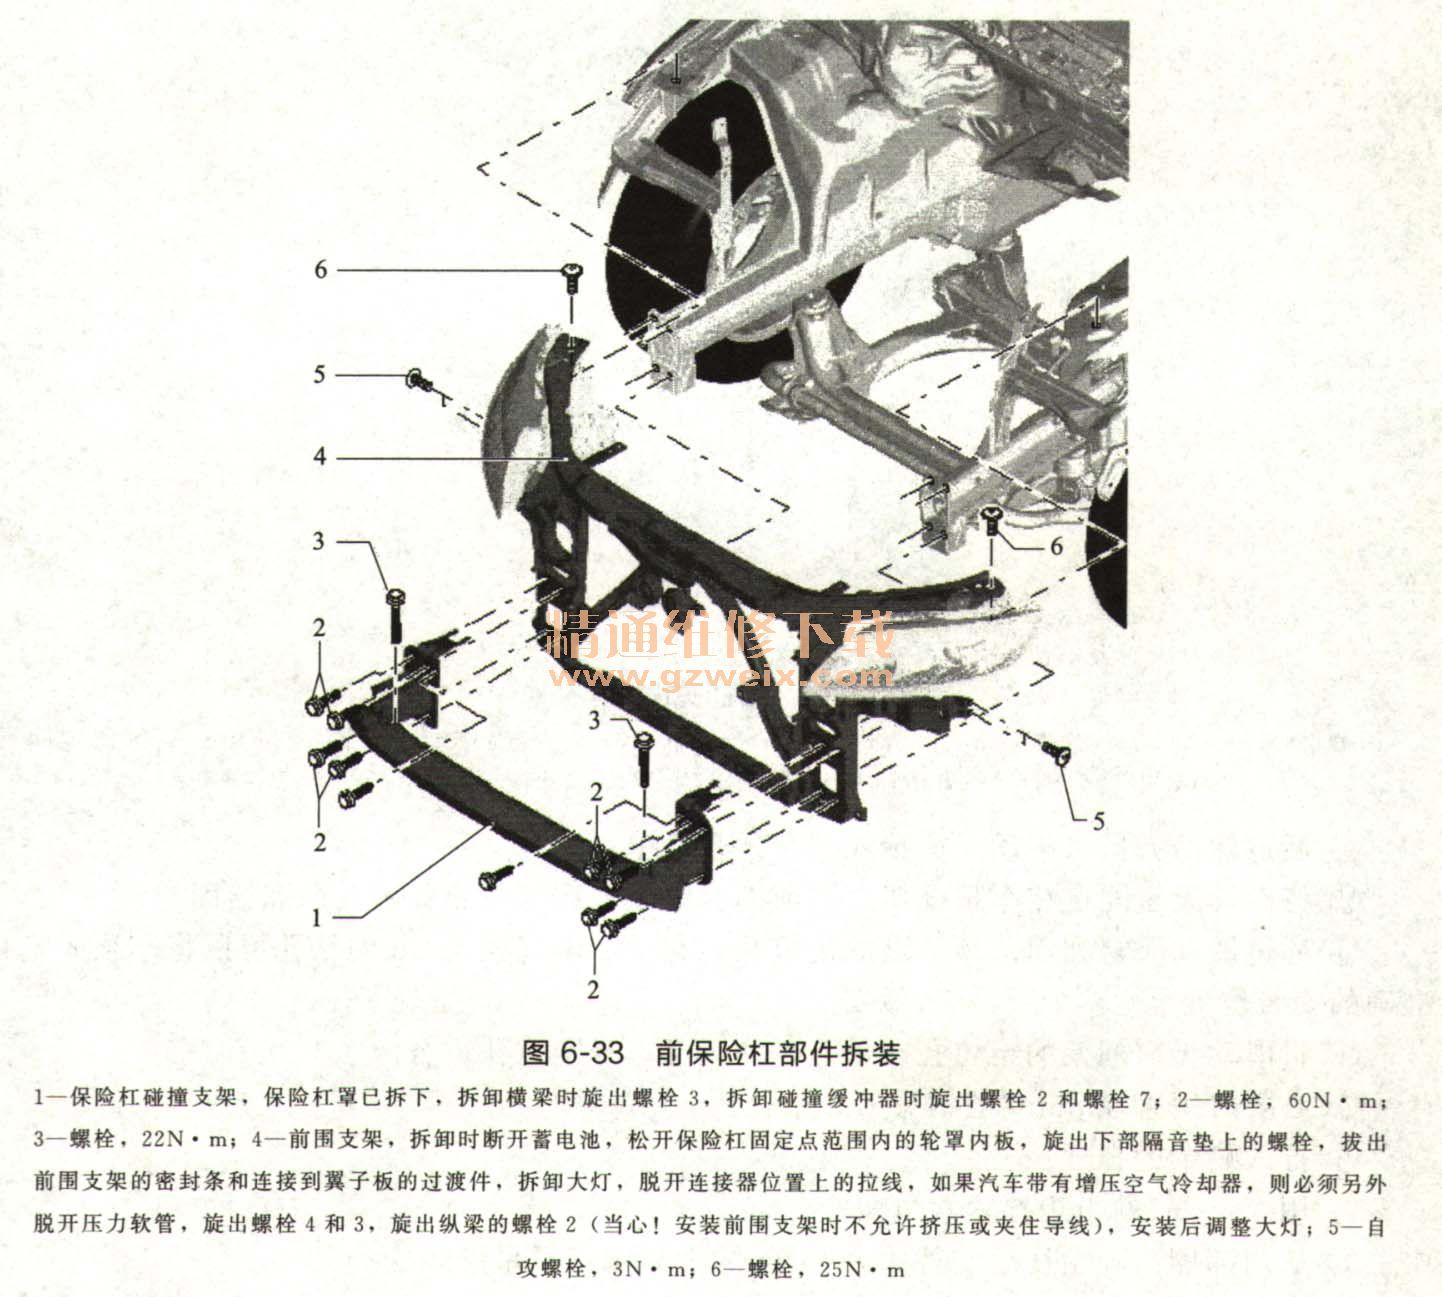 奥迪Q7车身外部饰件装配图